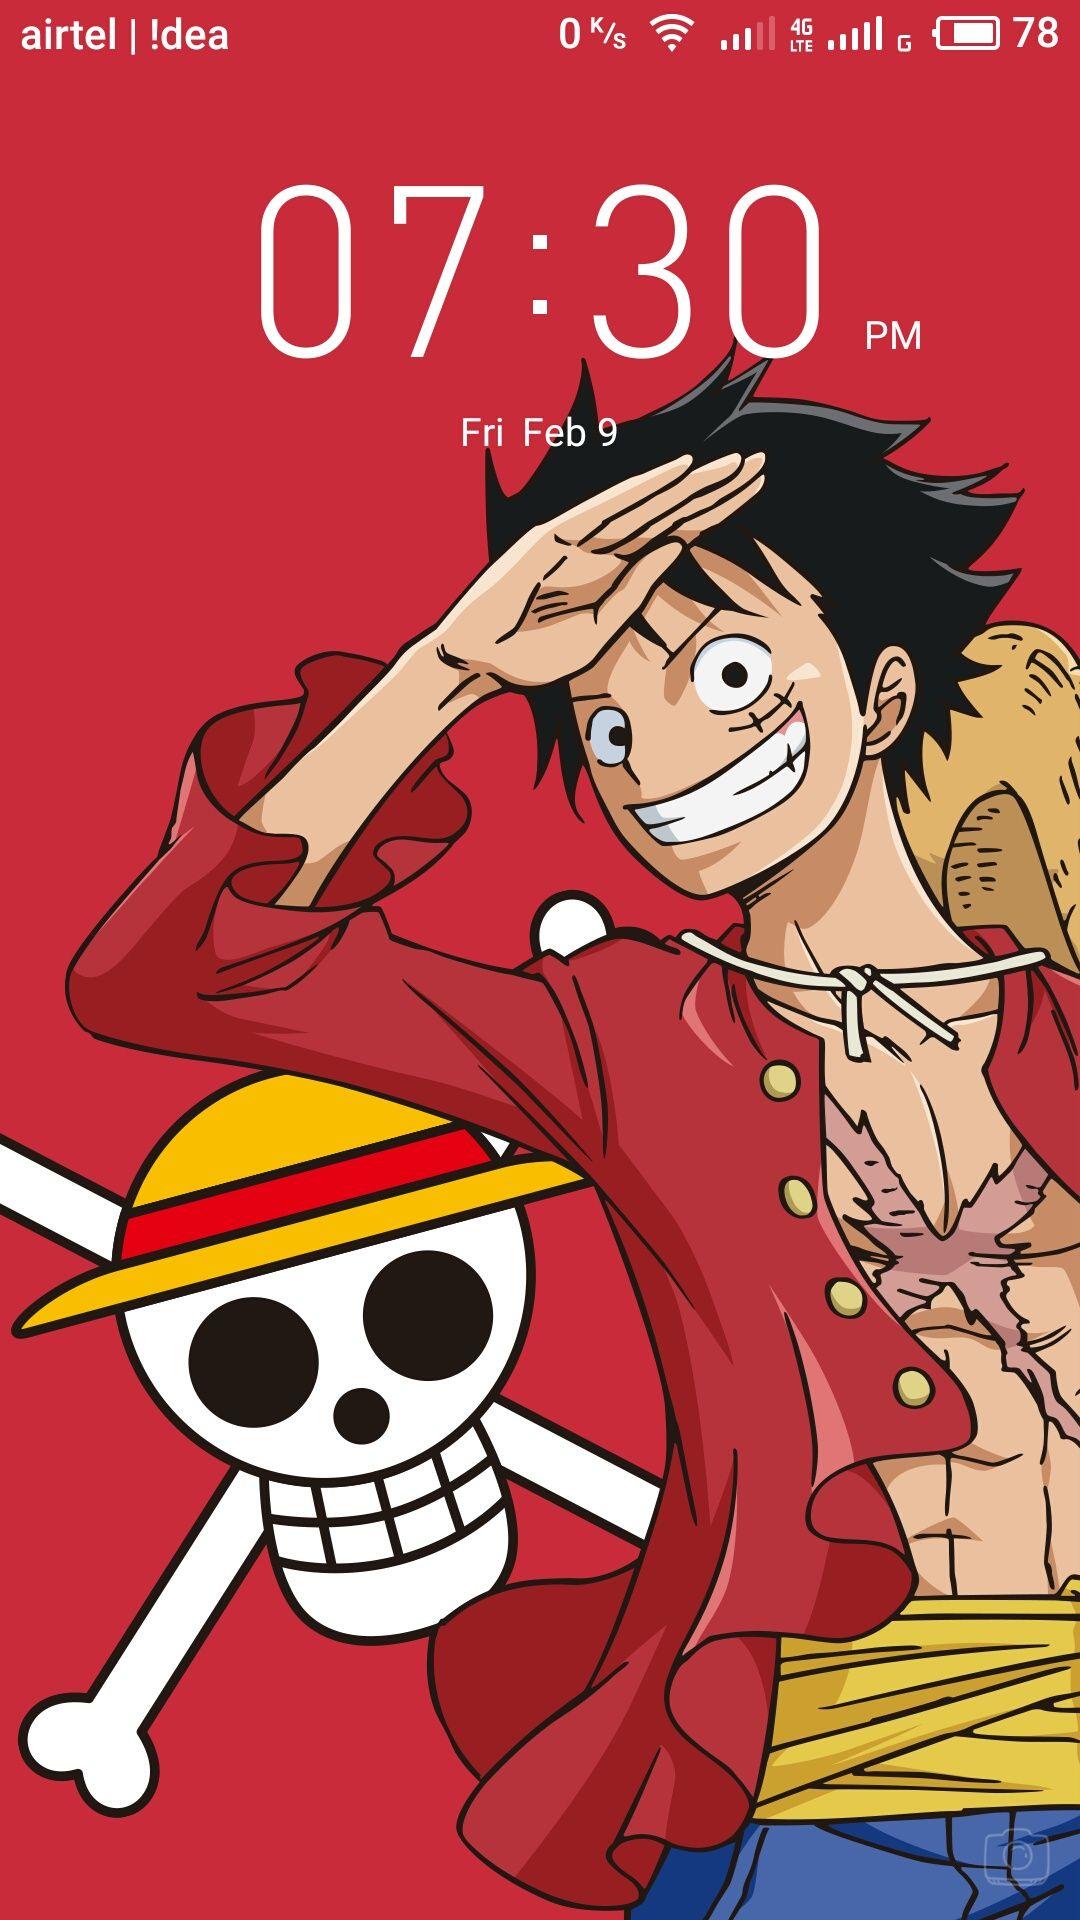 Wallpaper One Piece Hp Xiaomi Luffy Sanji Roronoa Zoro Usopp Hd Wallpaper To Download The Origi In 2021 Anime Wallpaper Hd Anime Wallpapers One Piece Wallpaper Iphone